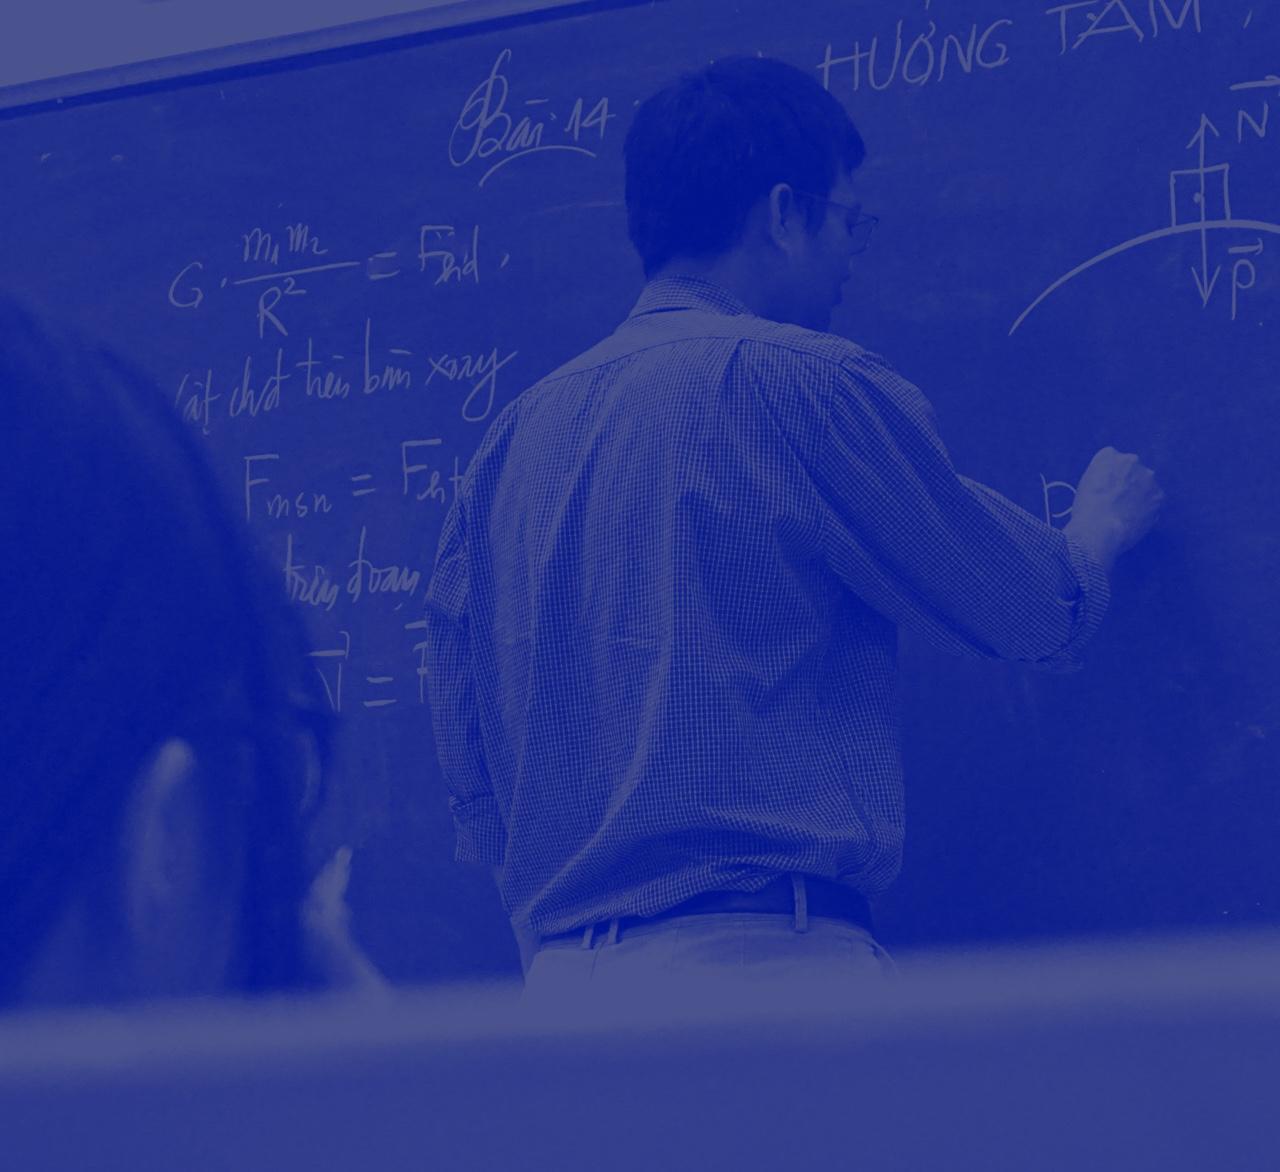 Imagen de A propósito del 11 de septiembre: 7 formas de enseñar sobre Derechos Humanos en clases